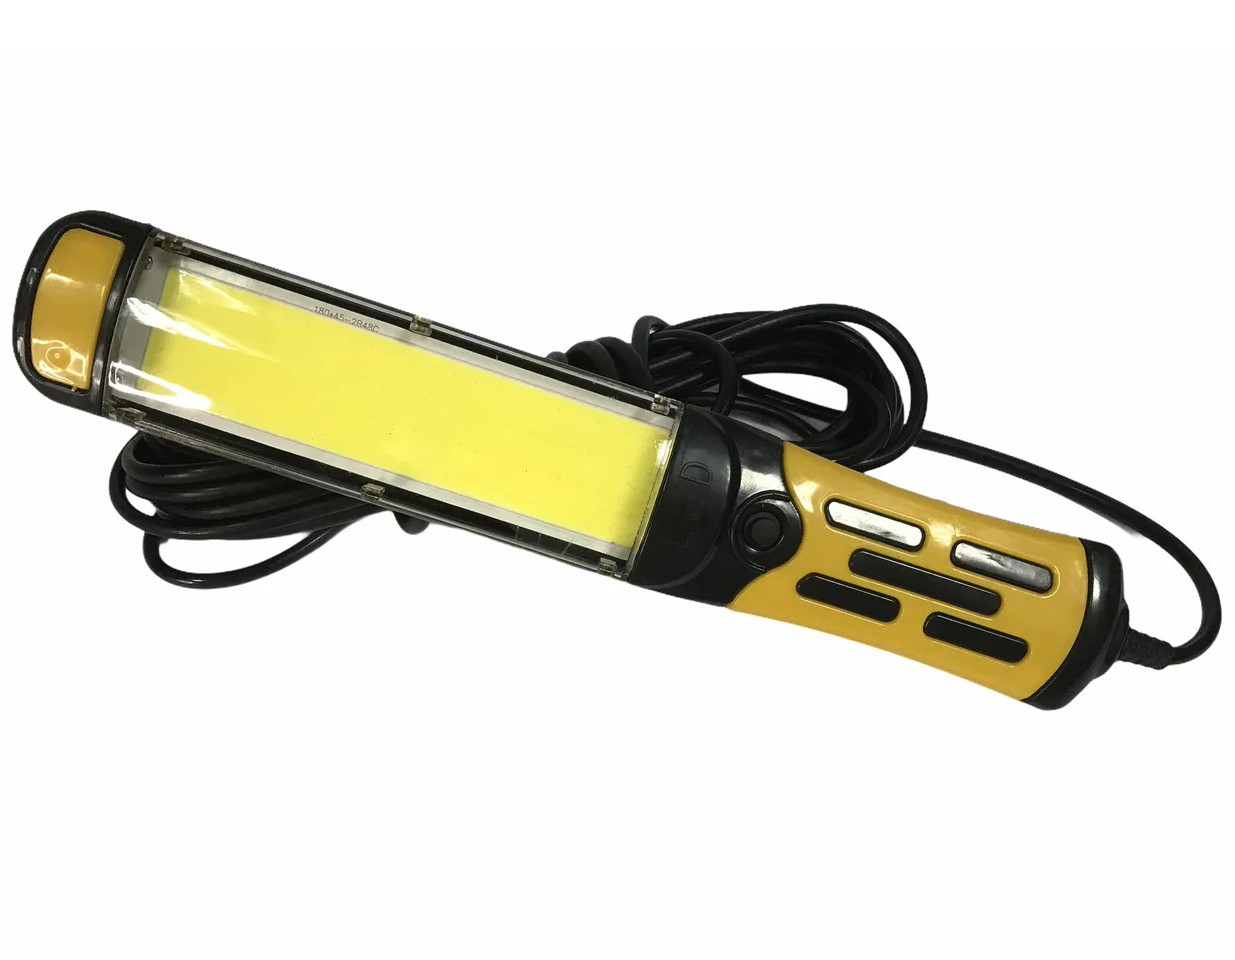 Фонарик с магнитом для СТО Working Lamp BL-9096 светодиодный 220В кабель 9 м фонарь